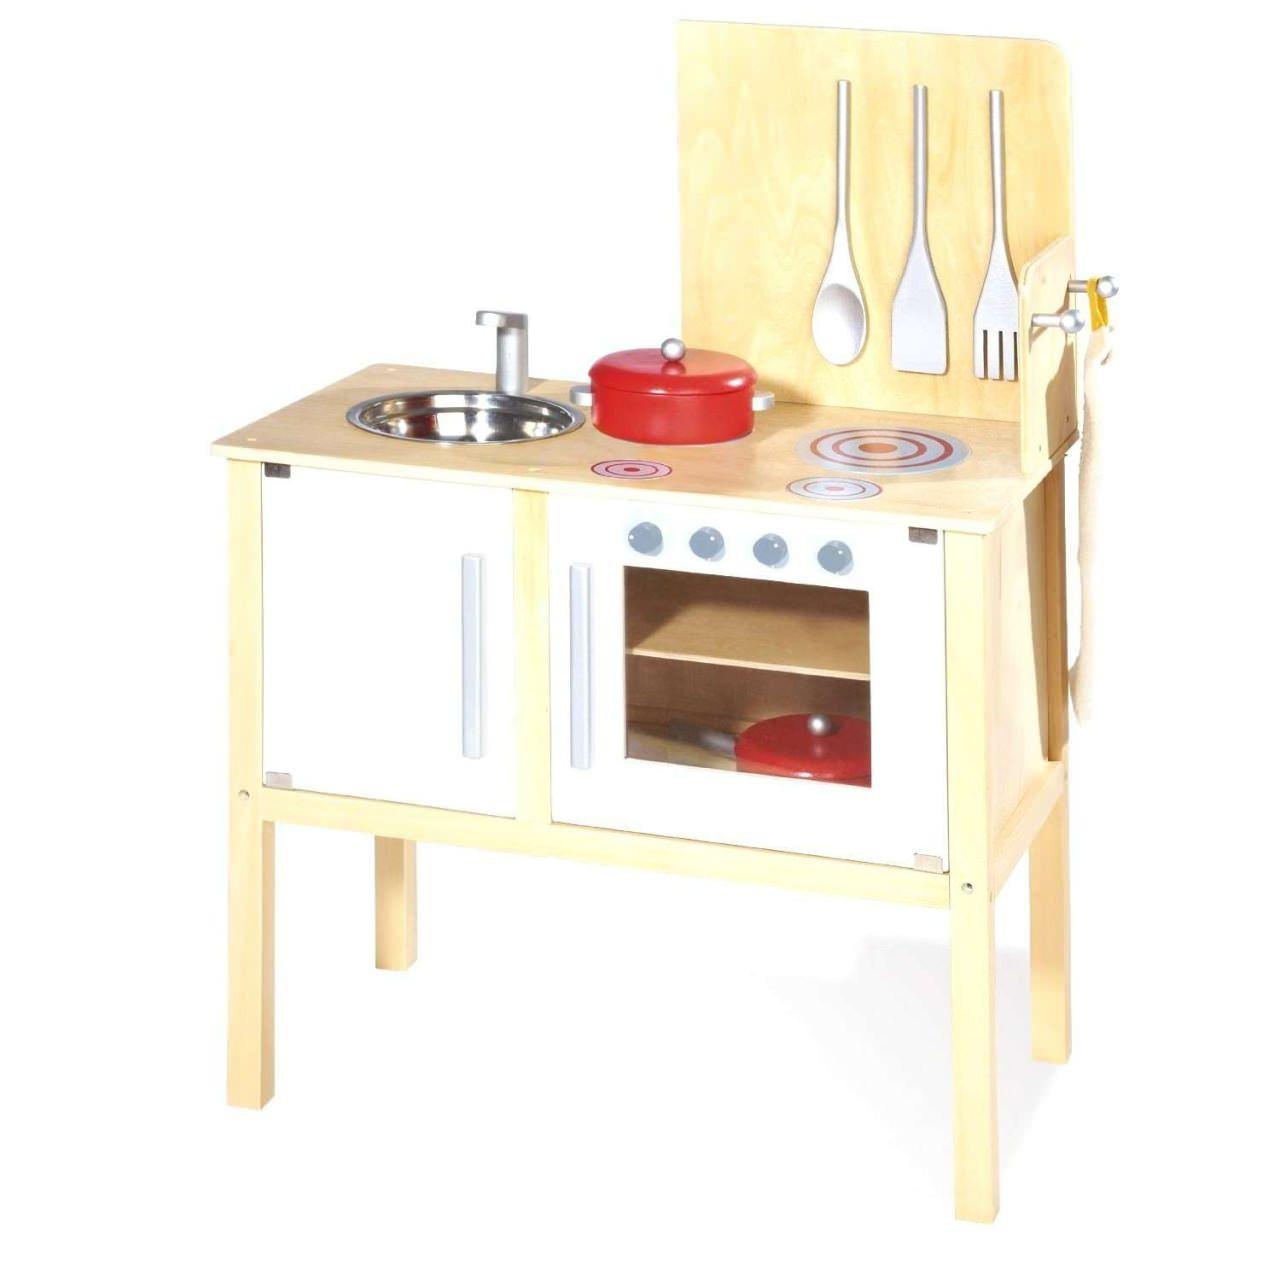 Ikea Küchenregal  Ikea Küchenregal Holz — Küche De Paris